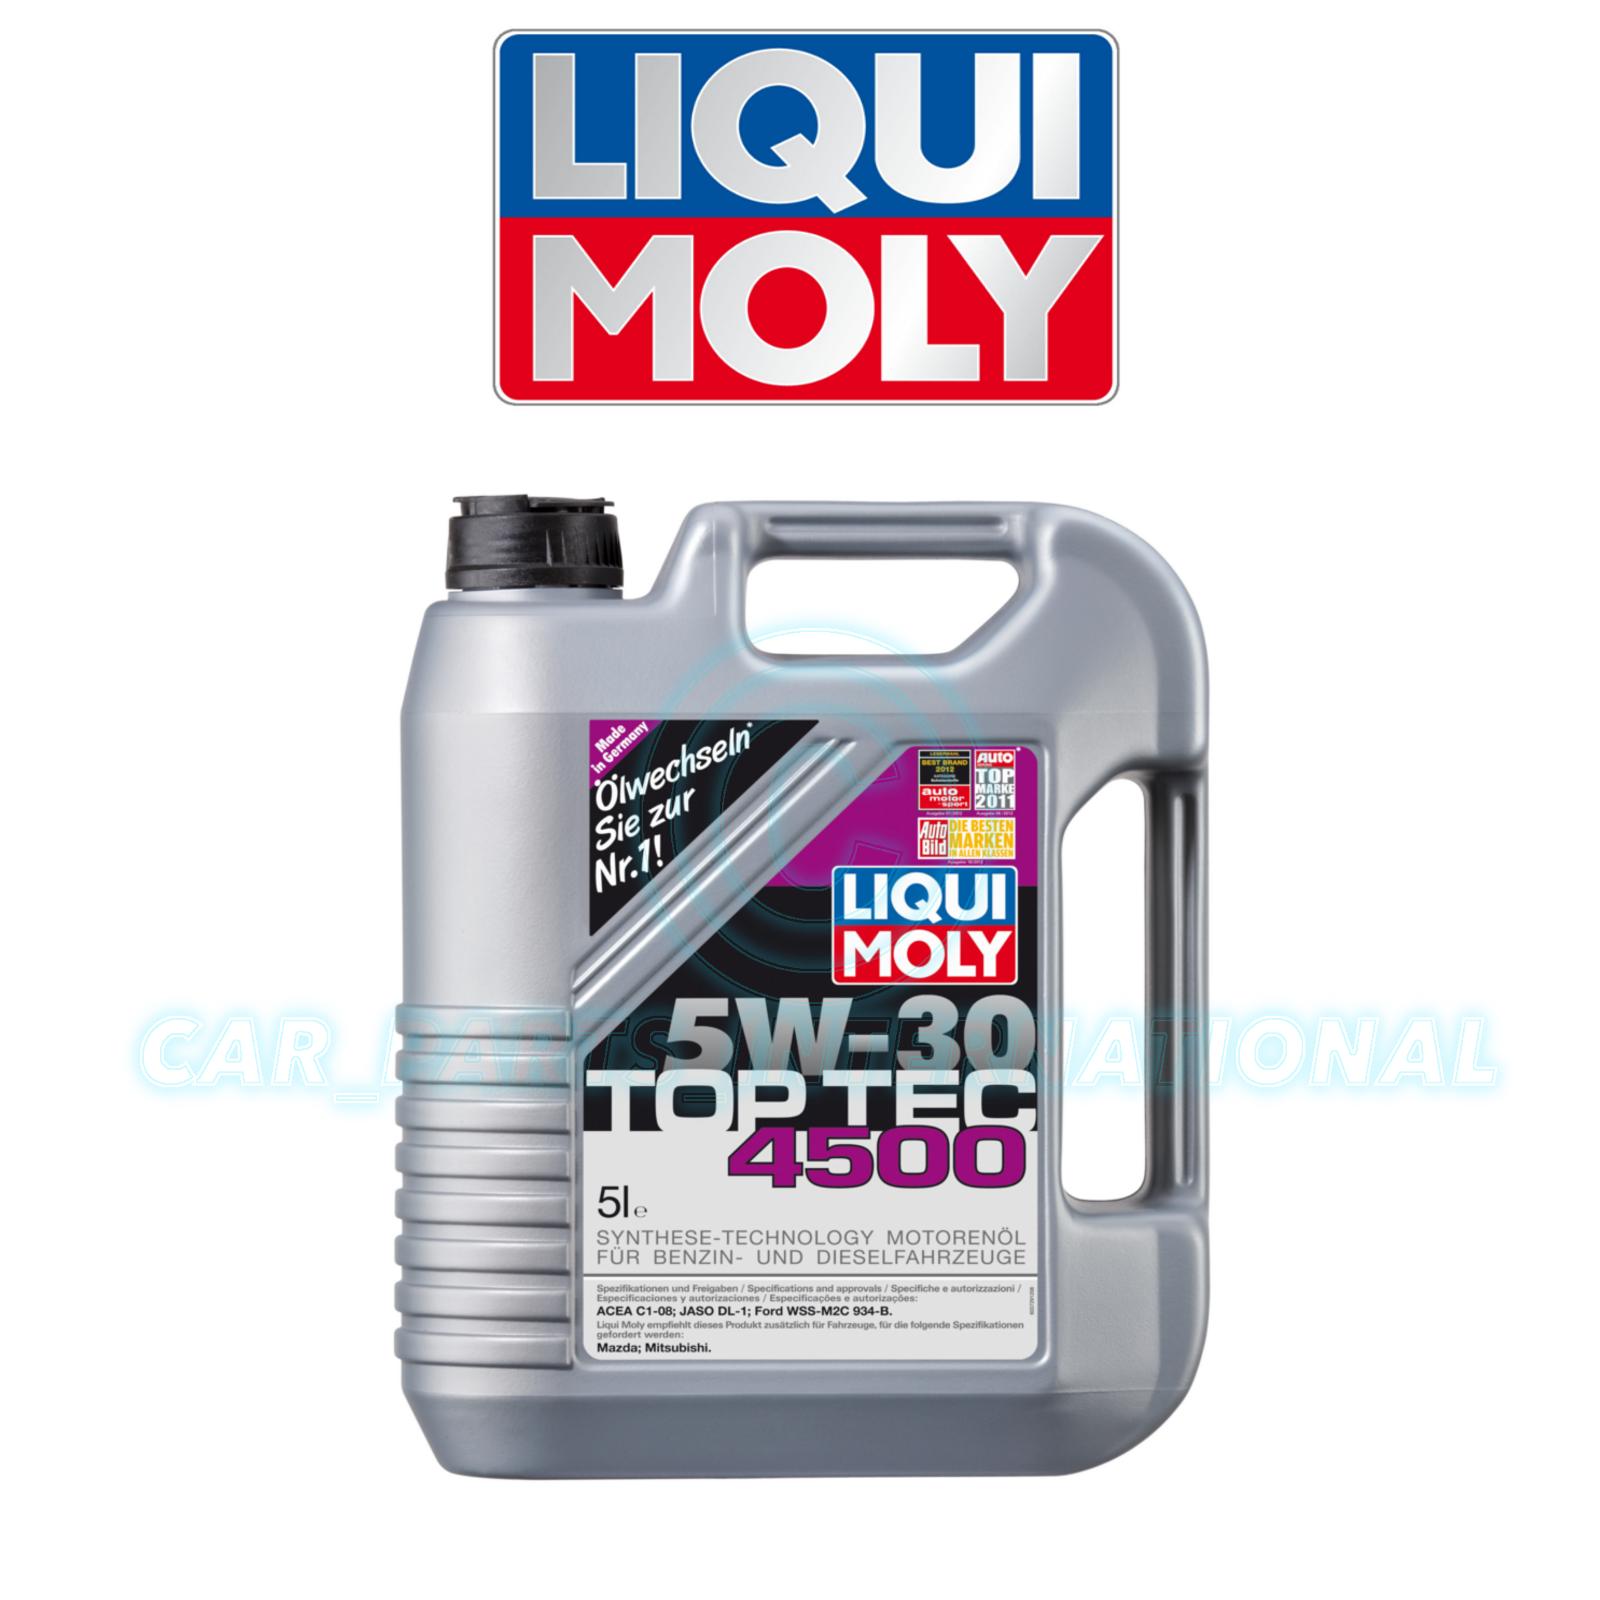 liqui moly top tec 4500 5w30 synthetic oil 5l ebay. Black Bedroom Furniture Sets. Home Design Ideas